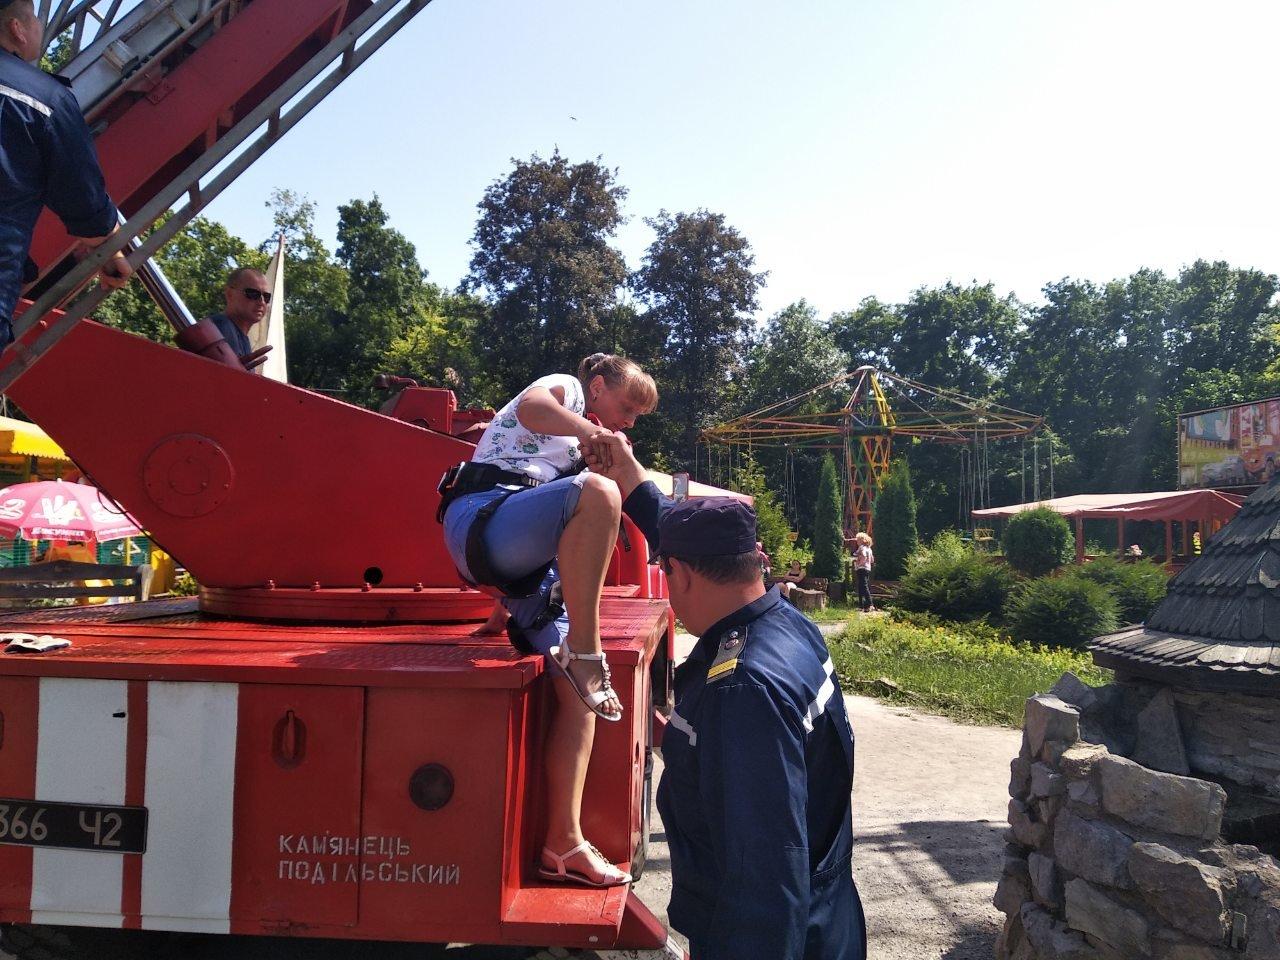 У Кам'янці-Подільському рятувальники евакуювали людей із оглядового колеса, фото-1, Фото: ГУ ДСНС України у Хмельницькій області